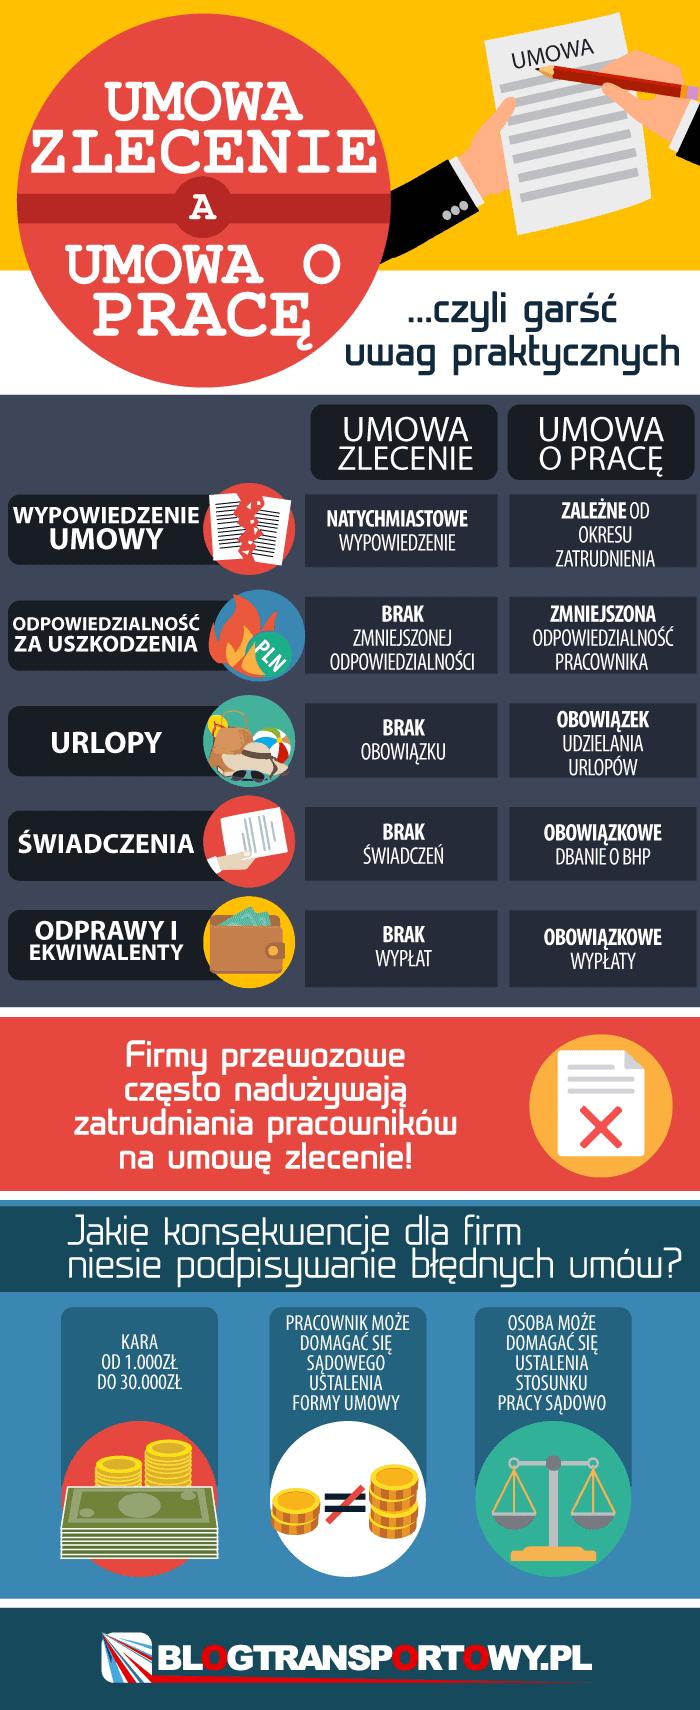 Umowa zlecenie a umowa o pracę